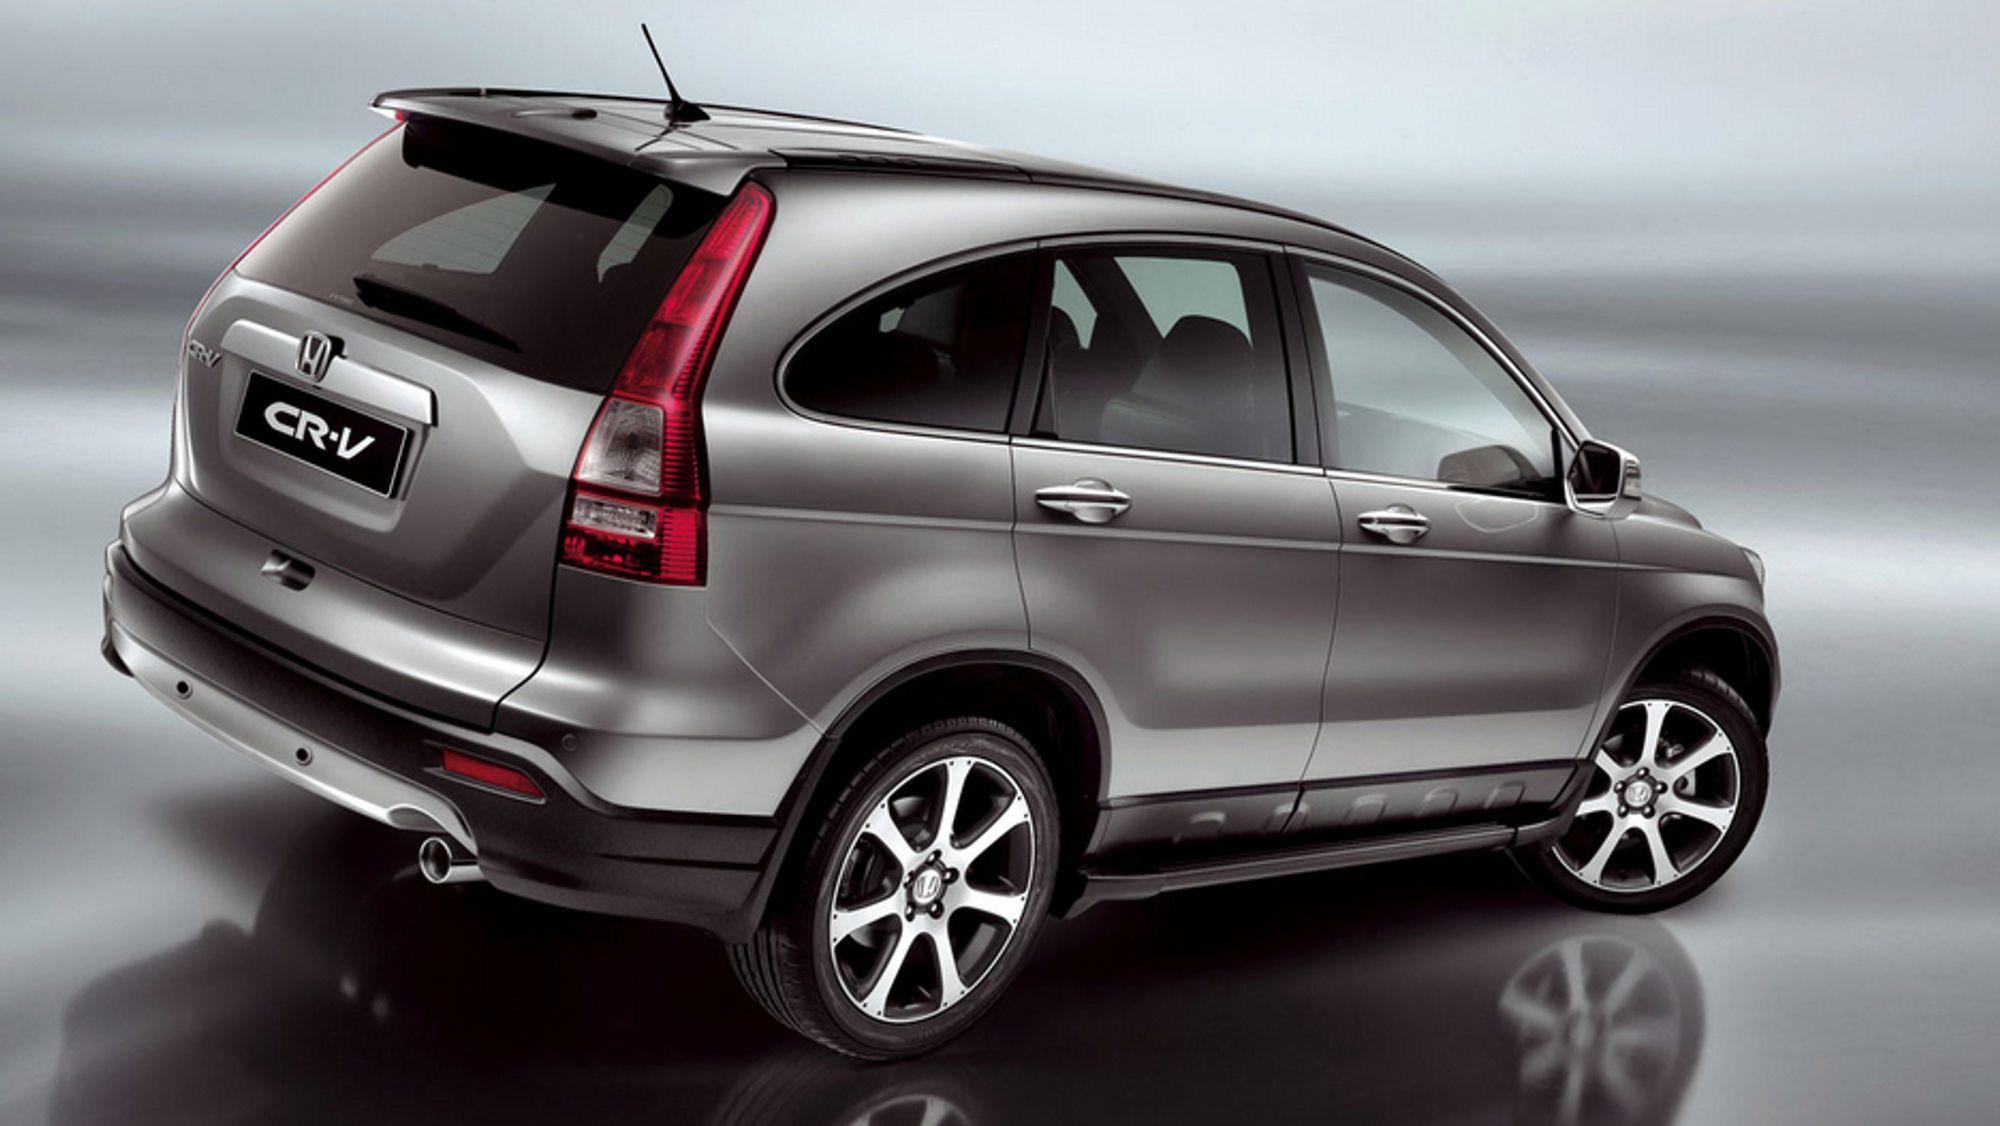 Hondas CR-V er en av tidenes mest solgte SUVer i hele verden. Nå utgjør SUV-er 40 prosent av salget av nye biler, godt drevet fram av USA, hvor annenhver bilkjøper sverger til de høye og tunge kjøretøyene.